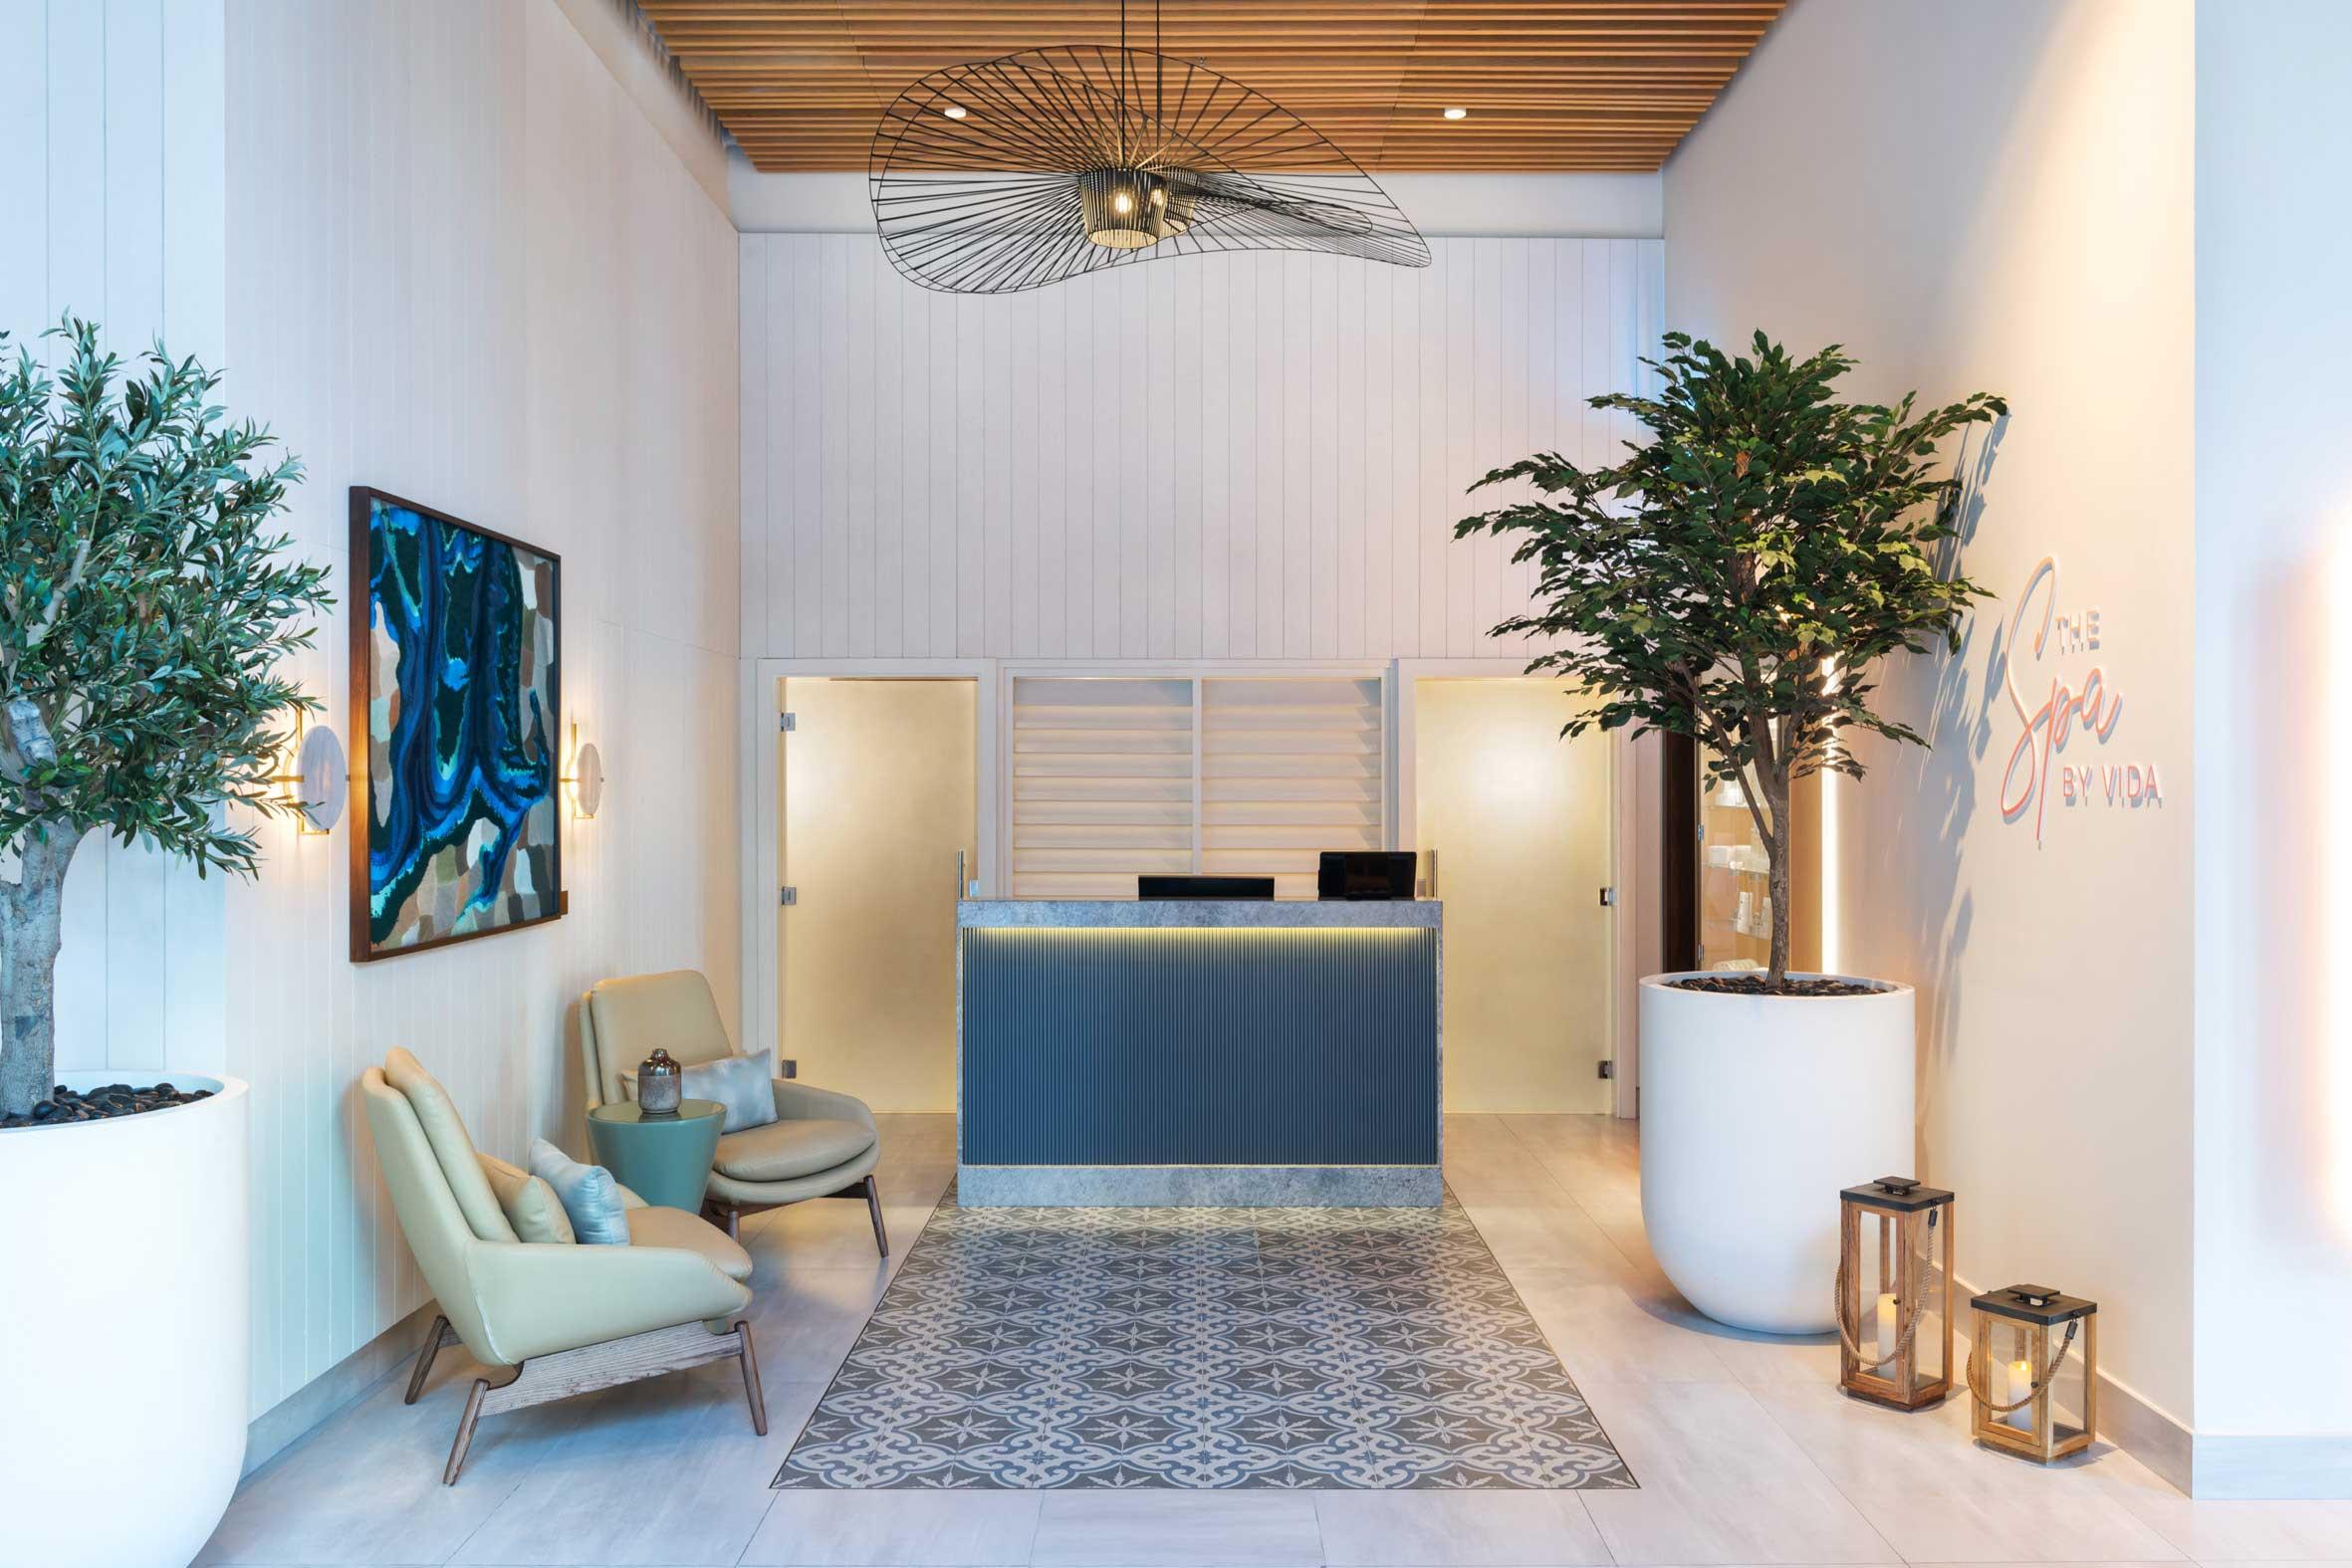 Vida Beach Resort - Home Decor Dubai